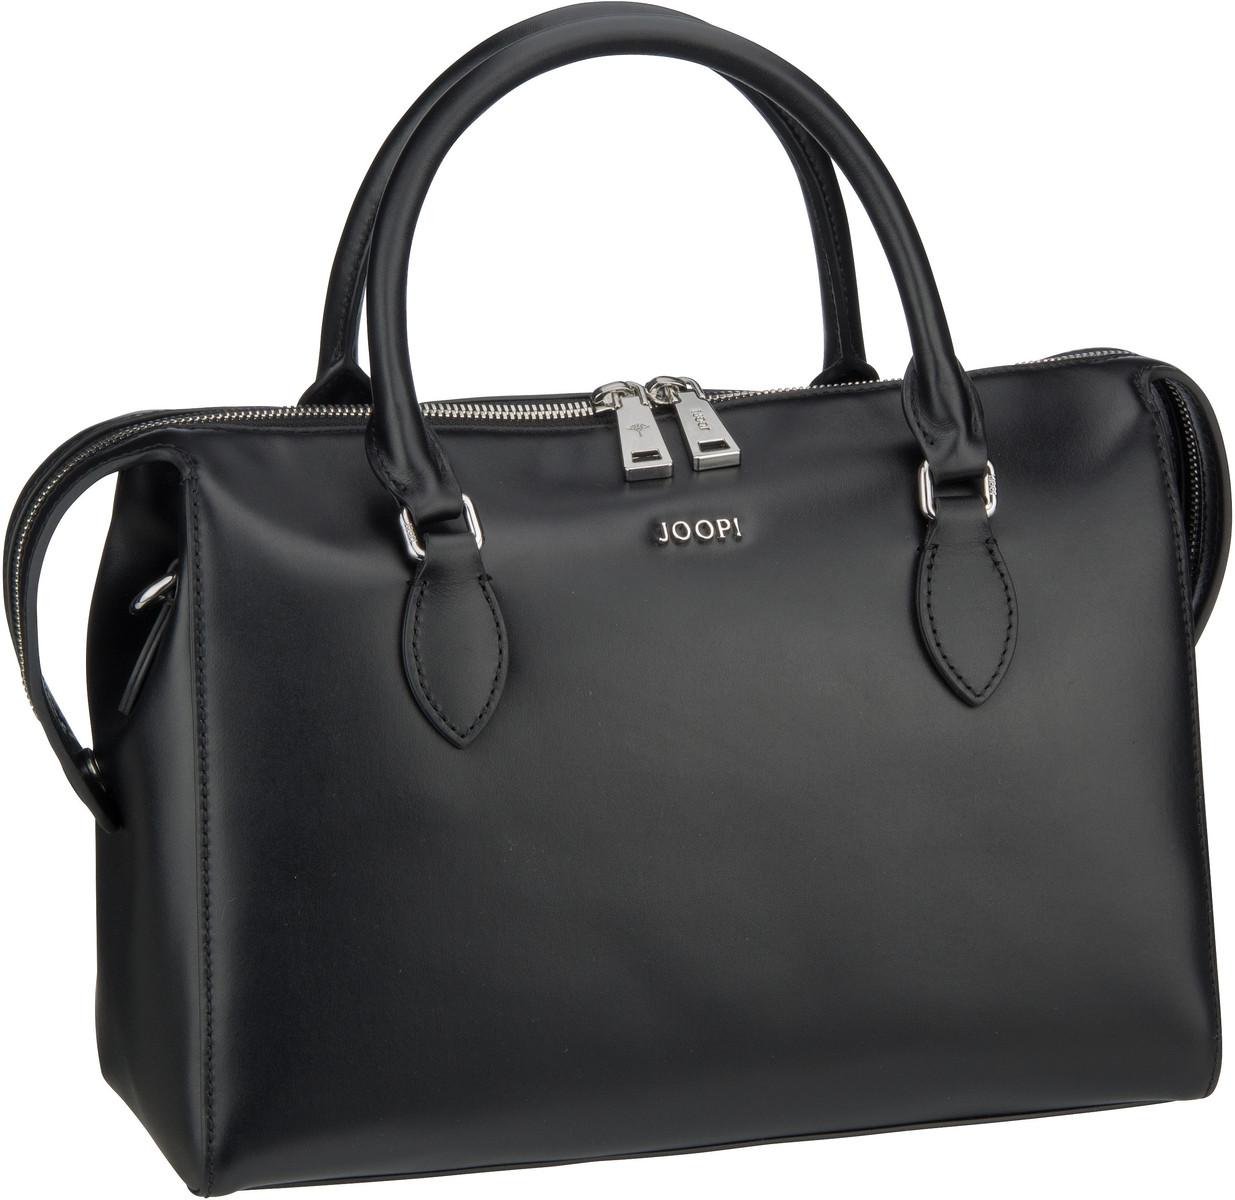 Handtasche Nausica Neda HandBag SHZ Black